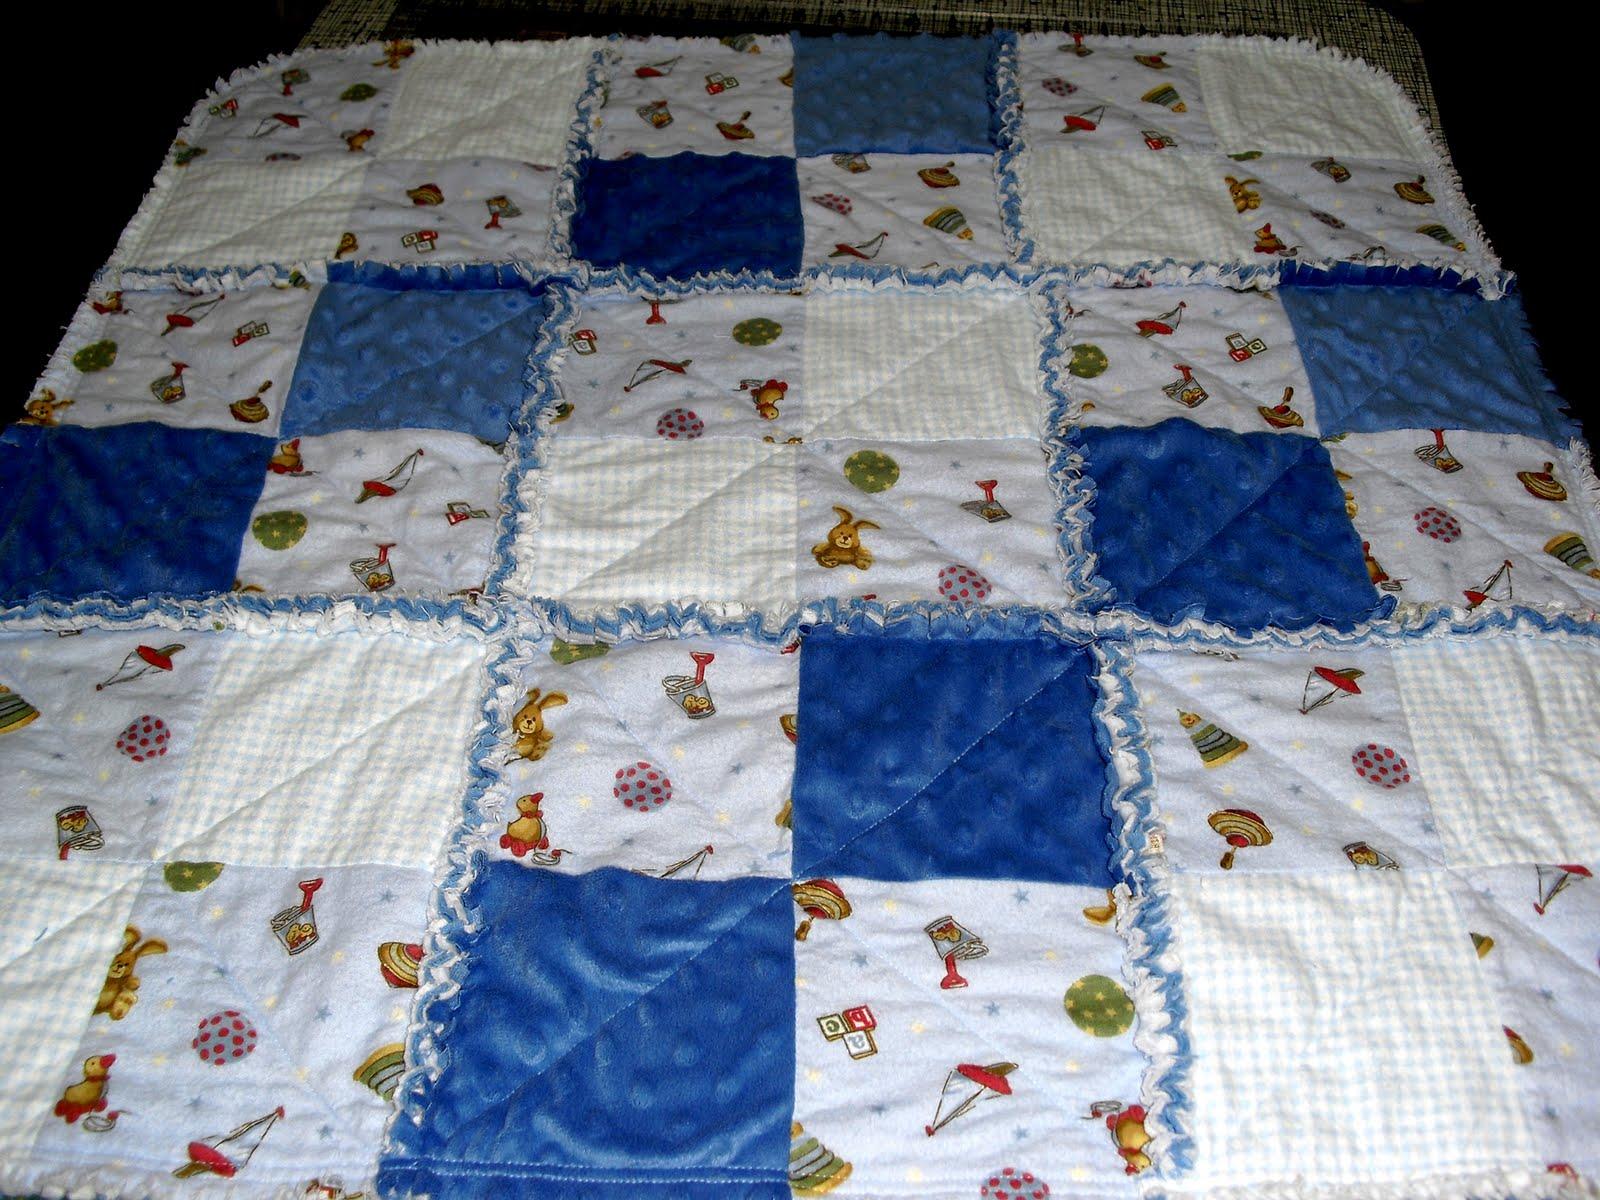 Up the Rainbow Creek: Super Quick Baby Rag Quilt : diy baby rag quilt - Adamdwight.com